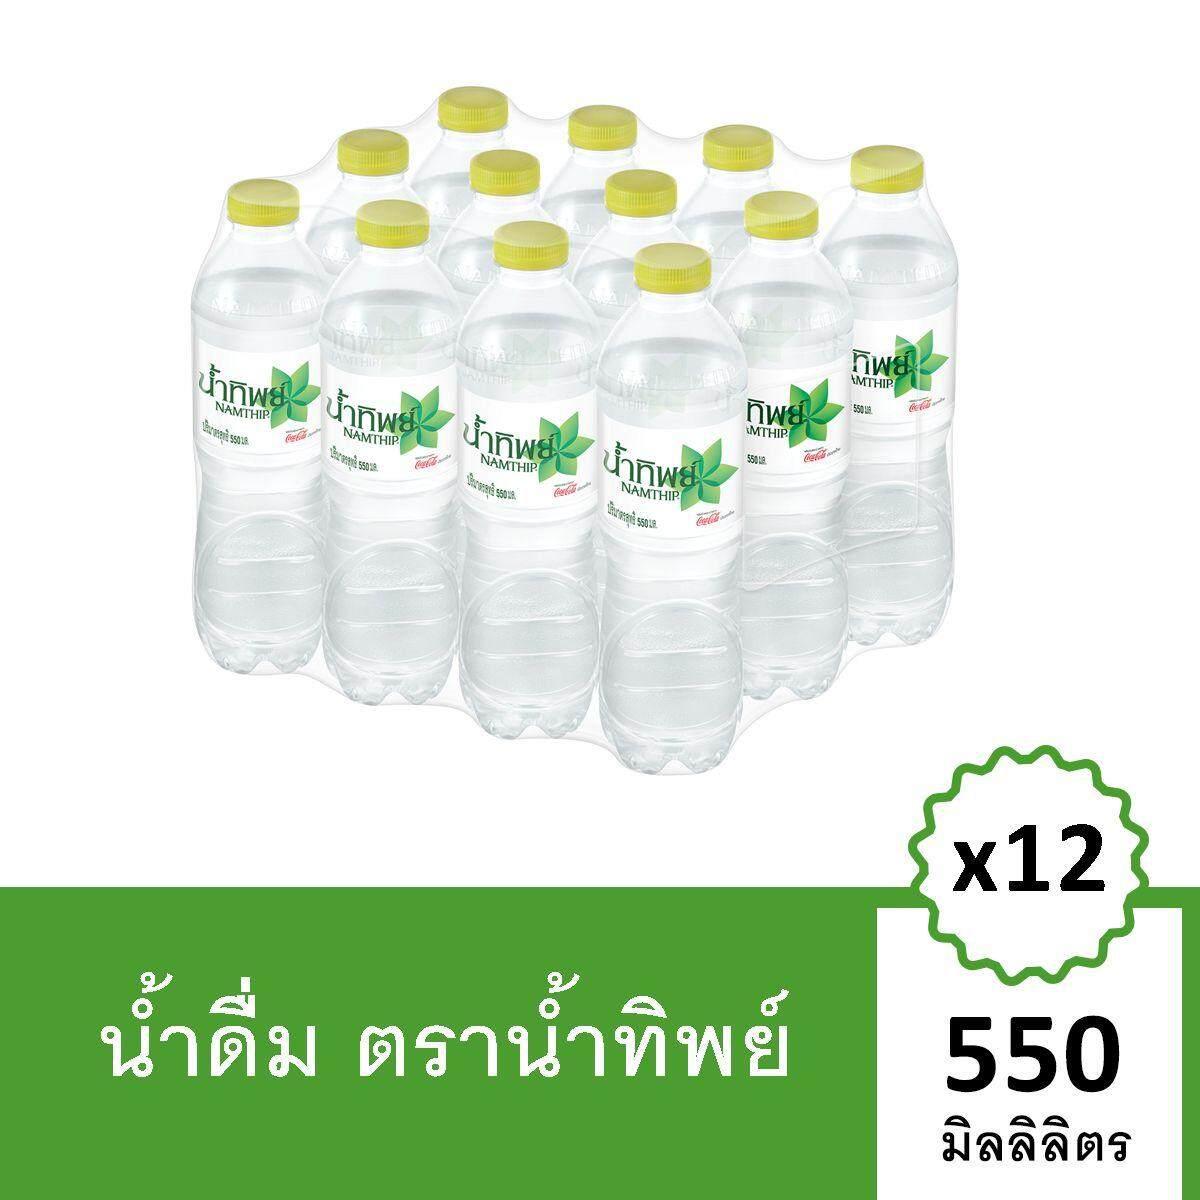 น้ำดื่ม ตราน้ำทิพย์ 550 มล. 12 ขวด By Lazada Retail Coca Cola.